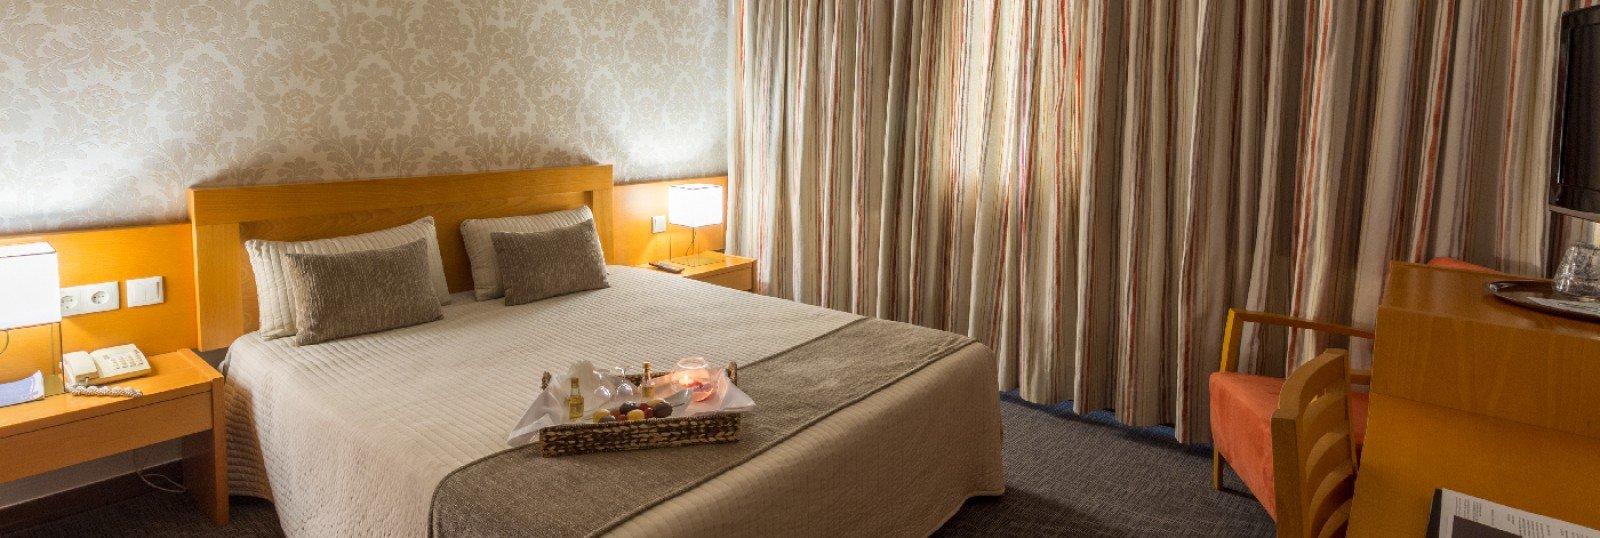 Hotel Eurosol Leiria Quarto Duplo